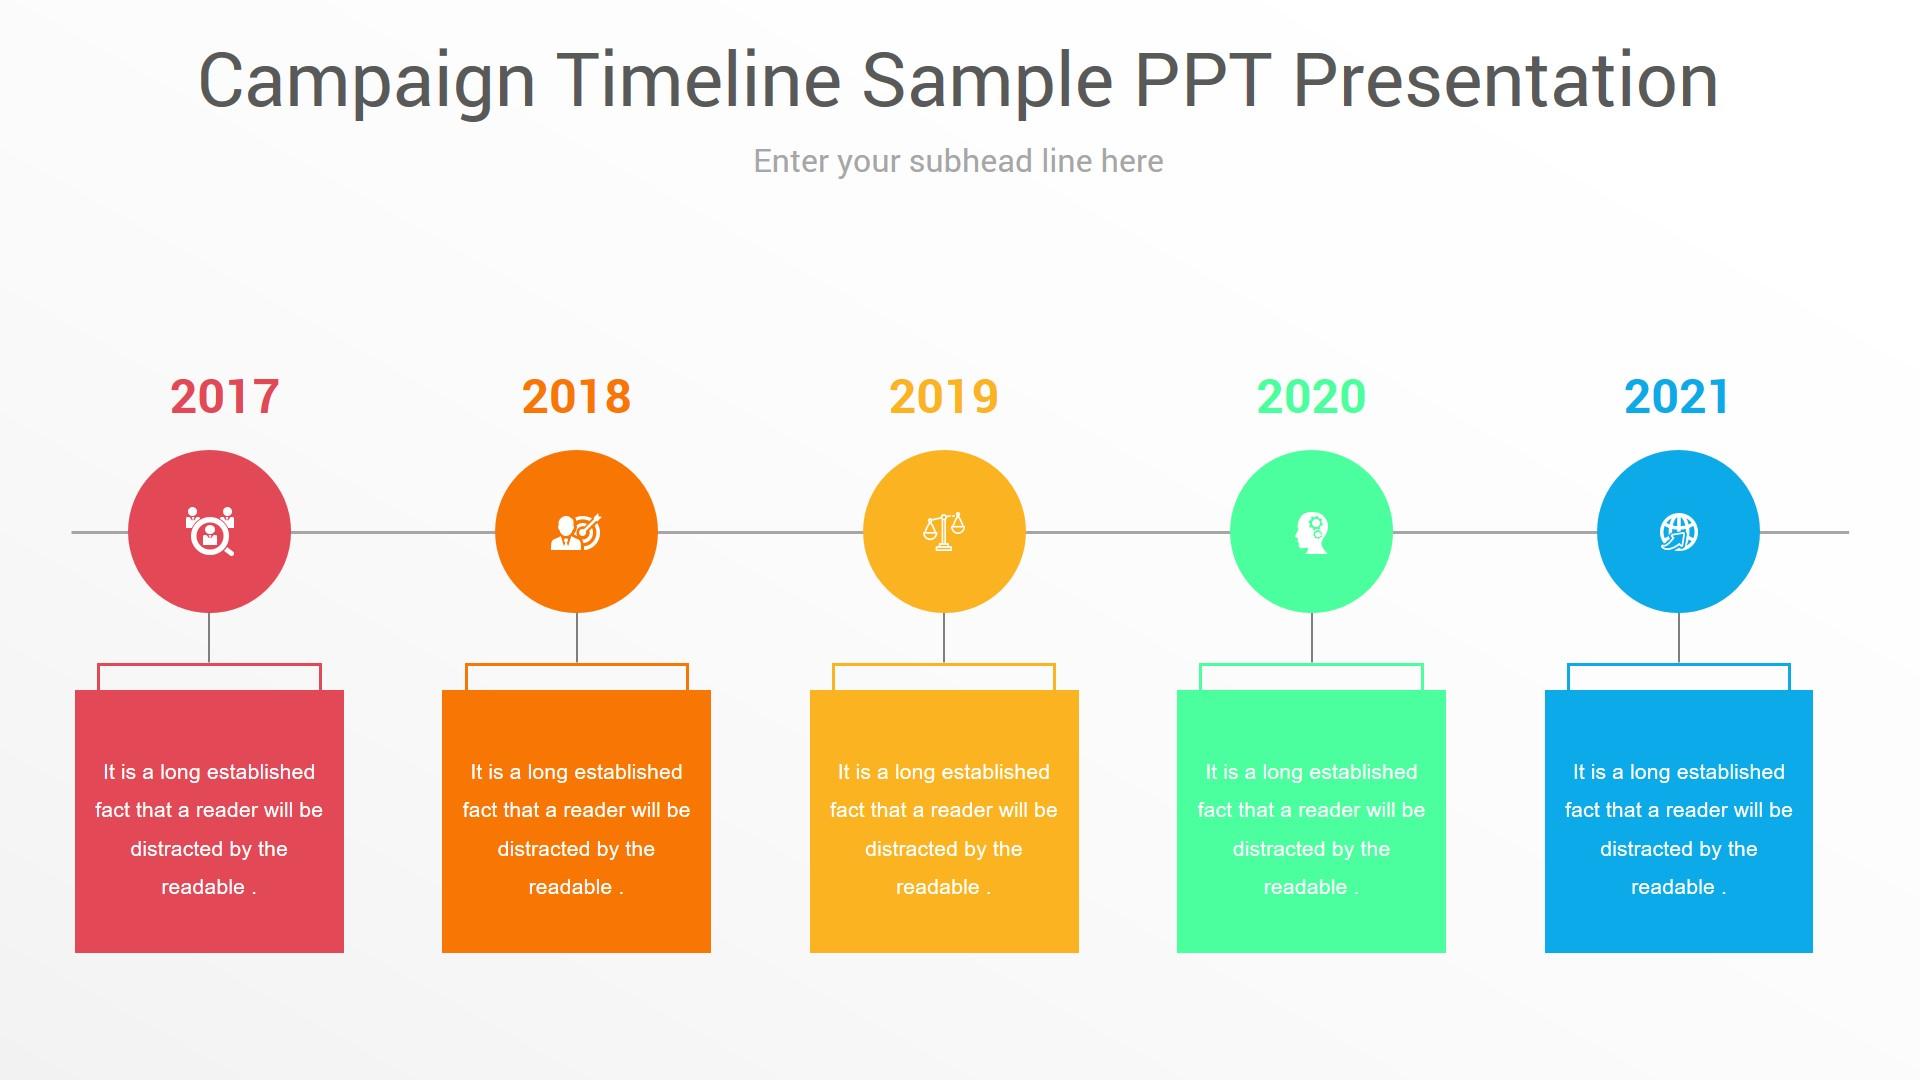 Campaign Timeline Sample PPT Presentation